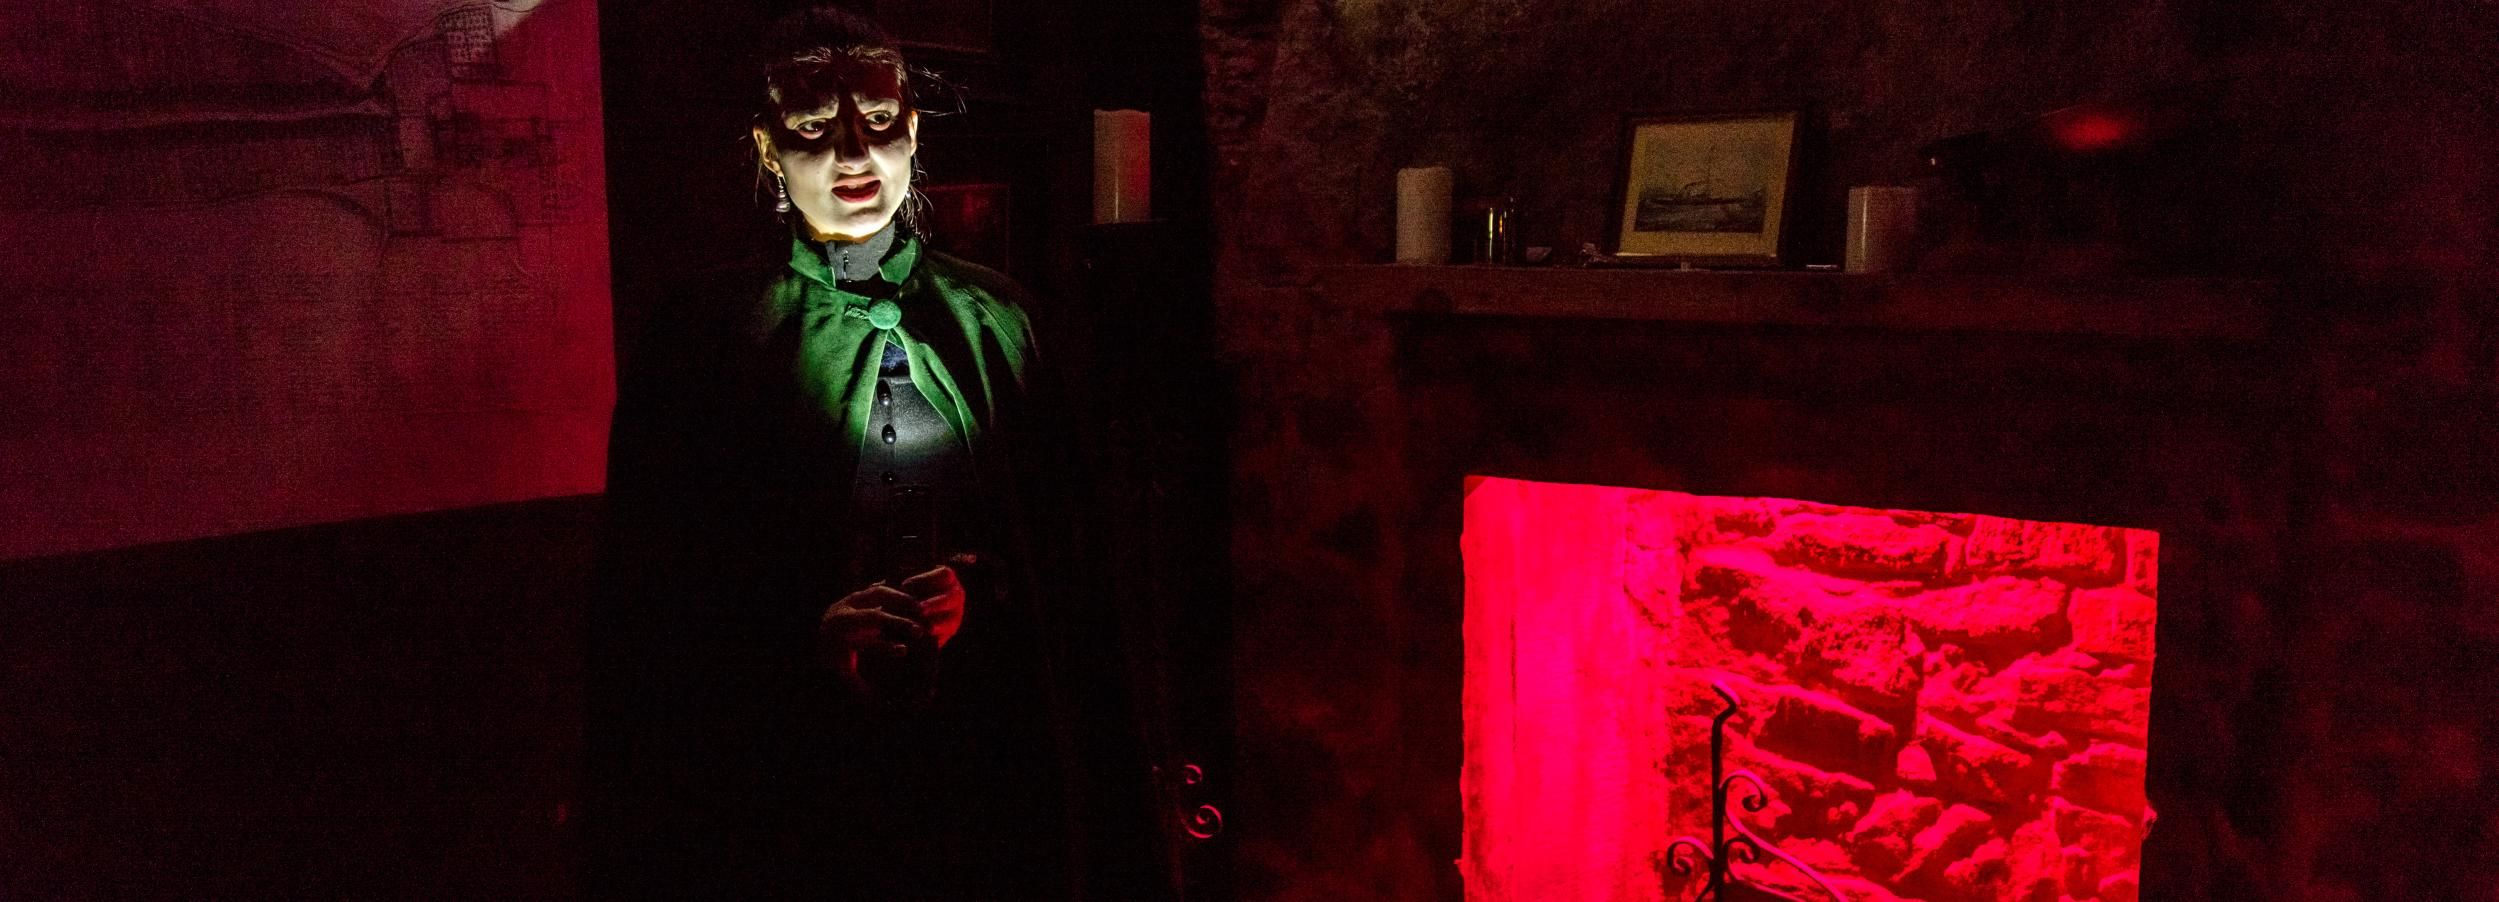 Édimbourg: soirée fantôme souterraine en soirée